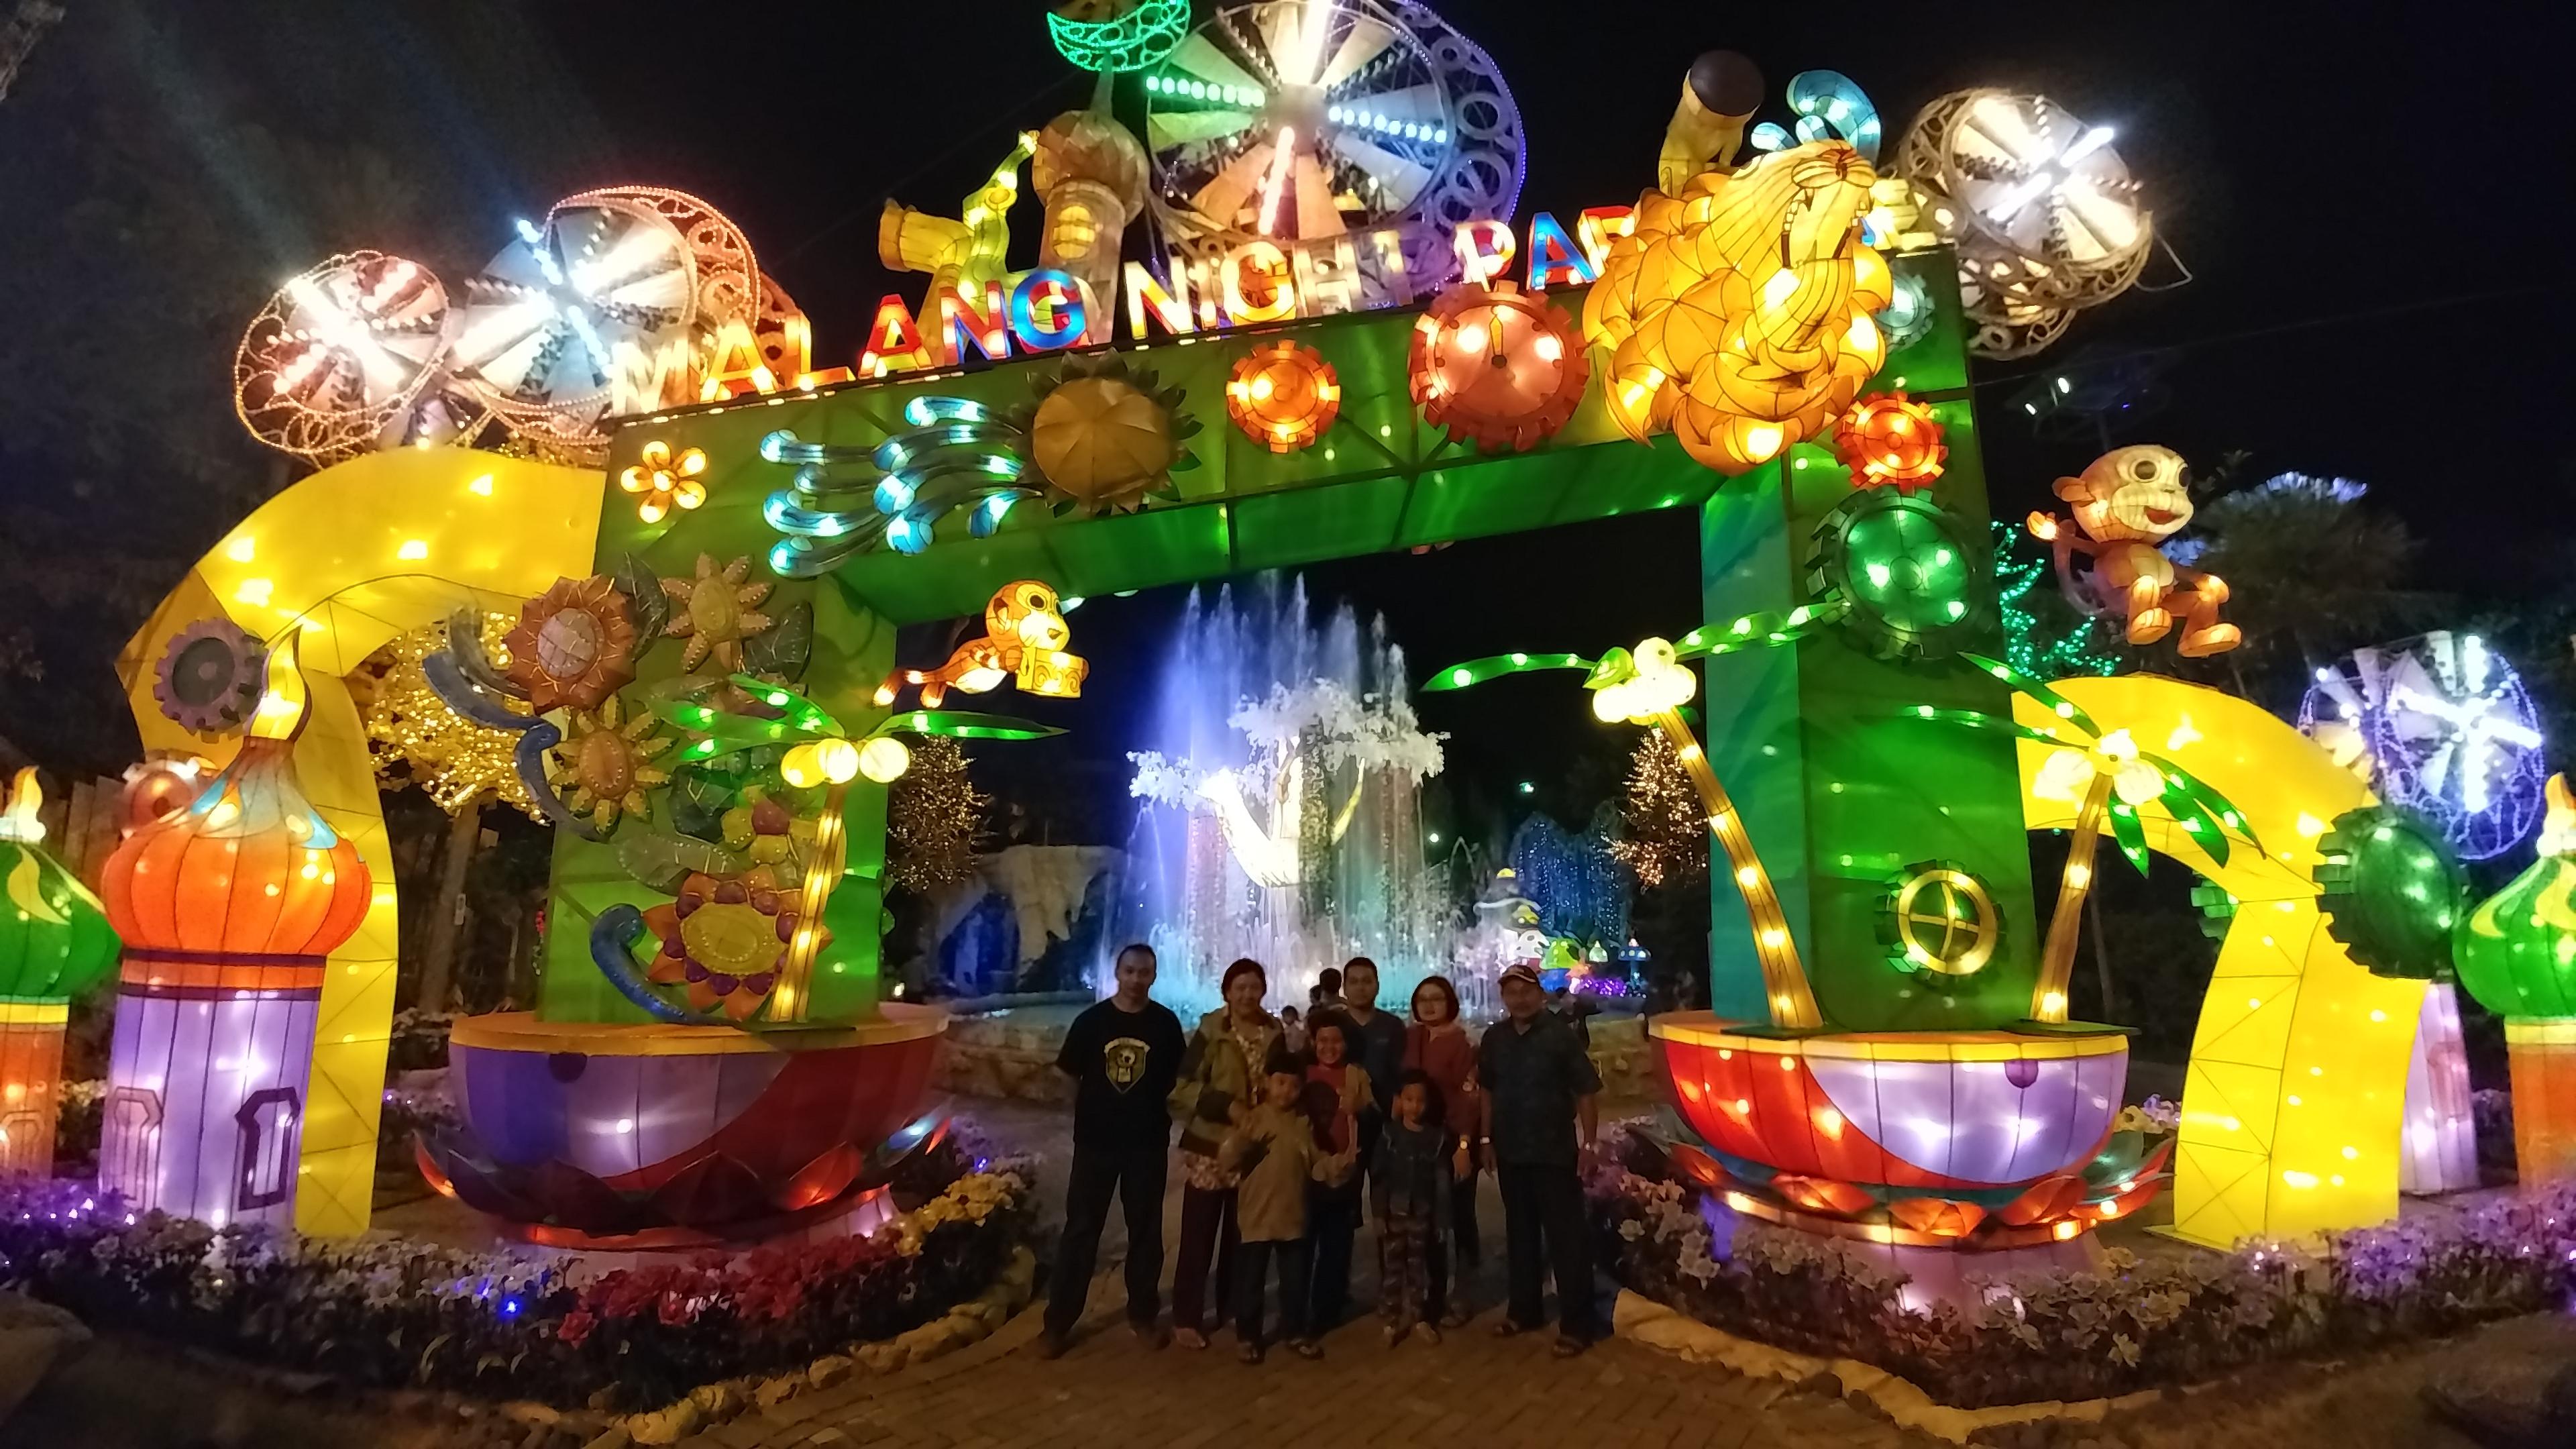 Mendadak Malang Trip Coban Rondo Lembah Tumpang Malang Night Paradise Haryoprast Com